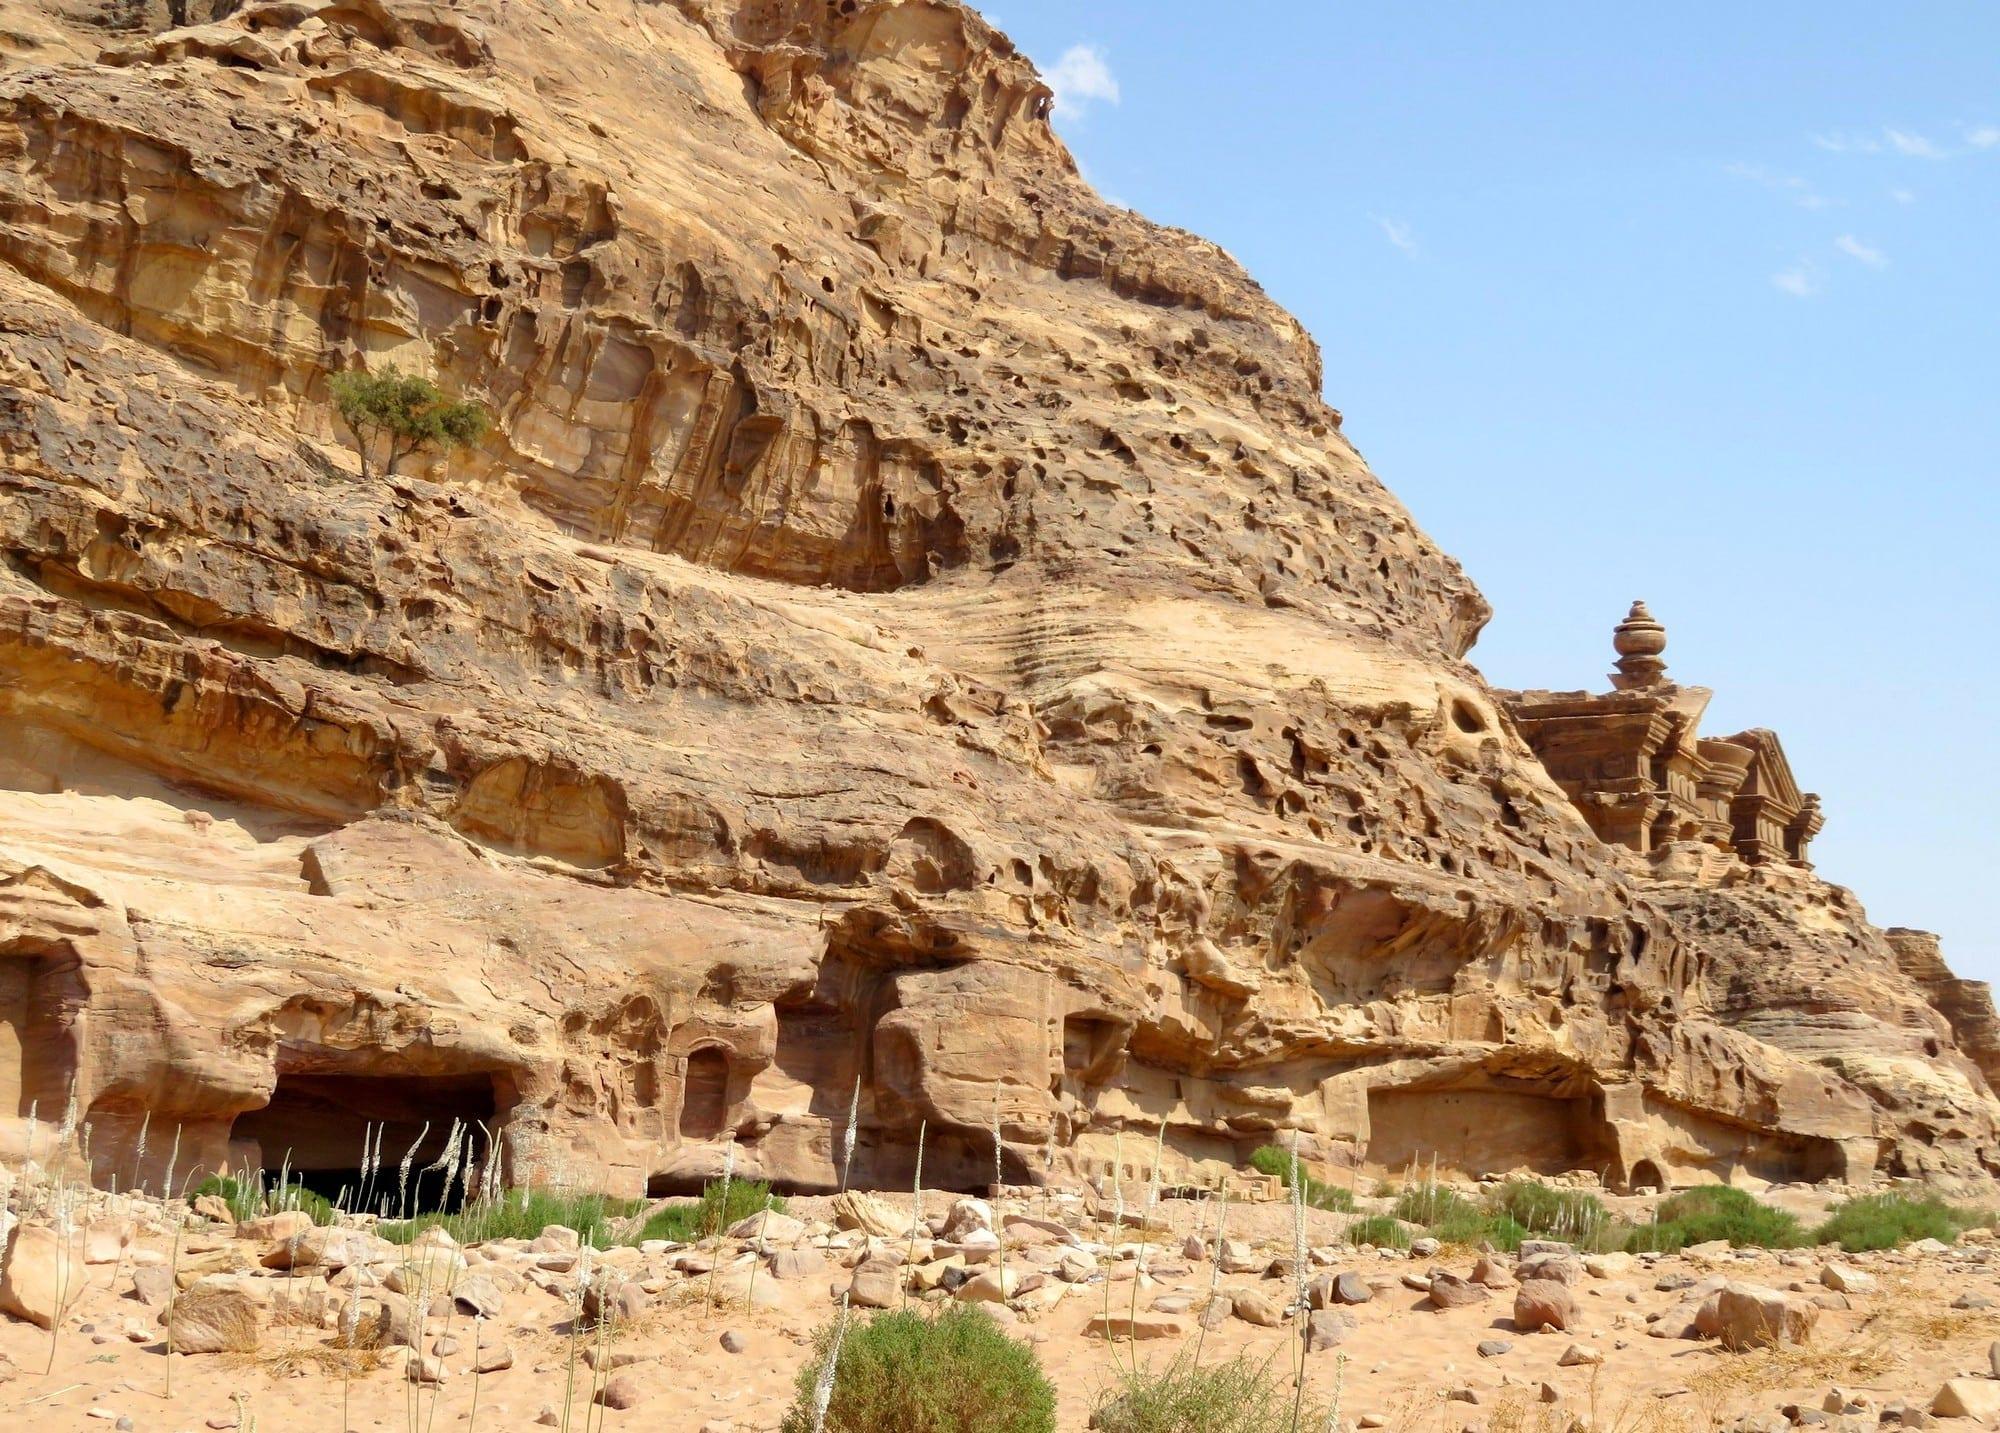 פטרה הקטנה - Little Petra - טיול בירדן | ערוצים בטבע